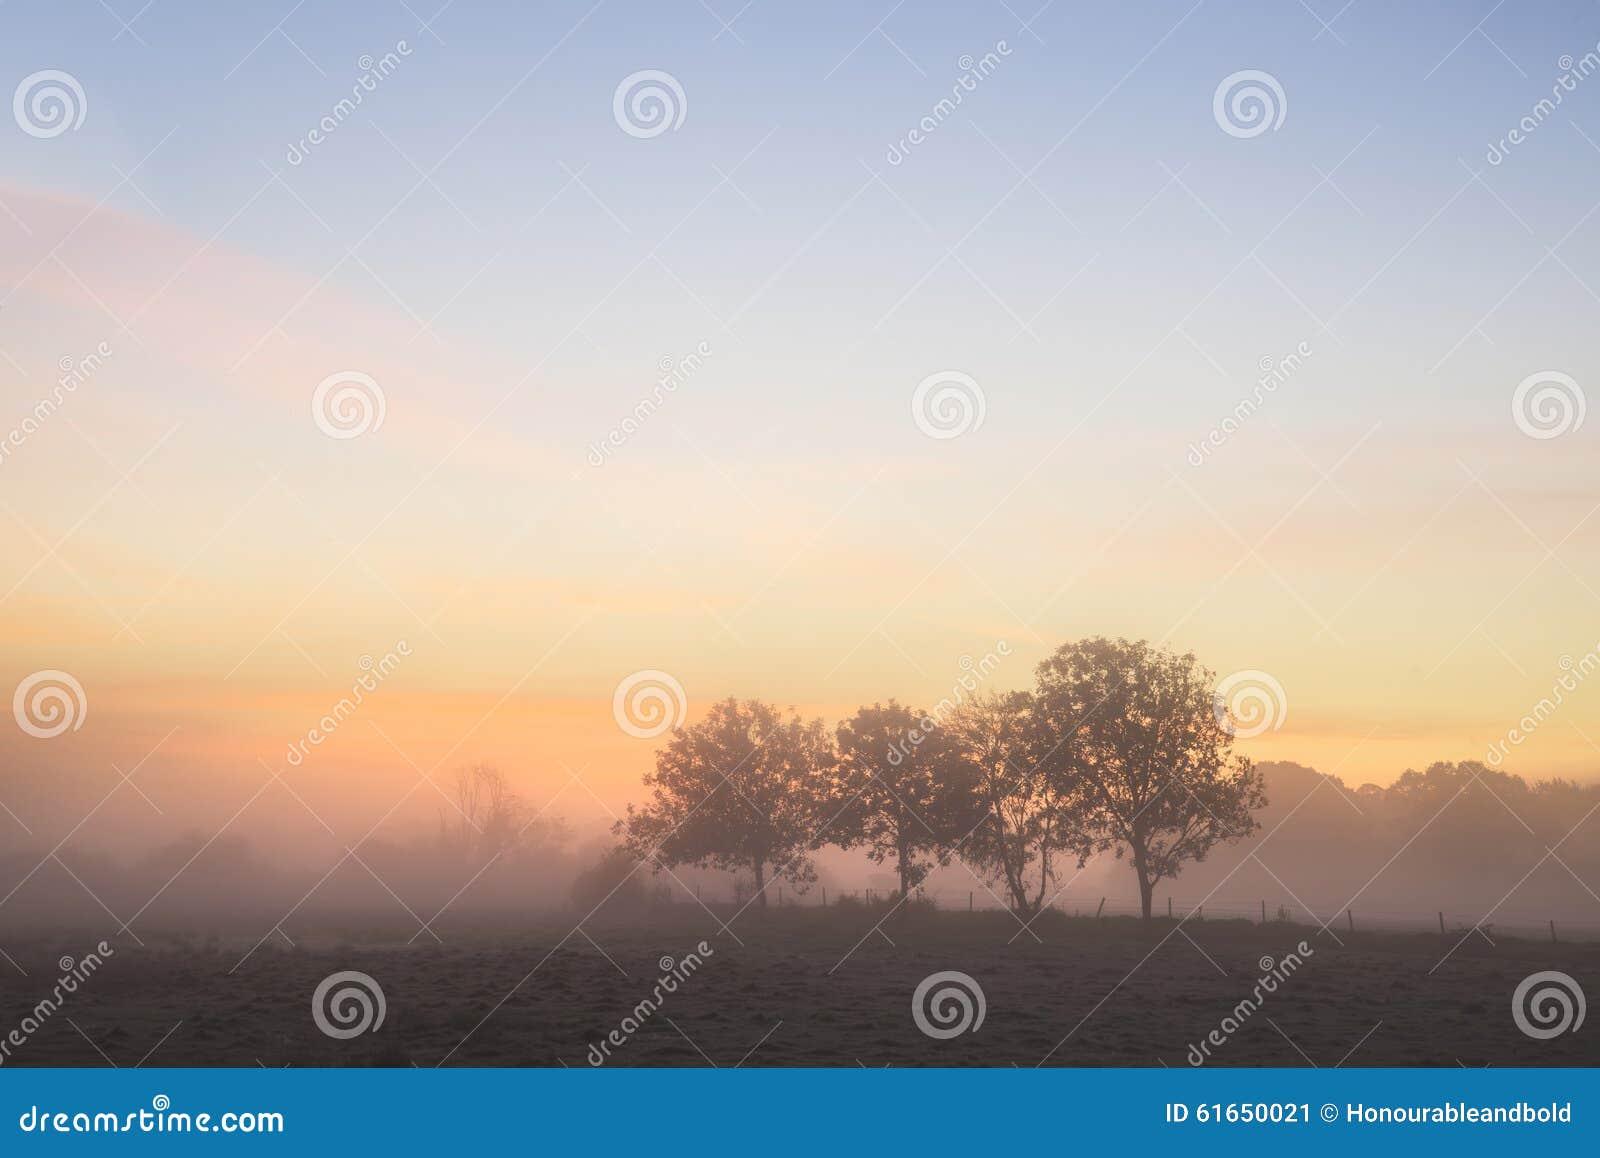 Landsc anglais de campagne de lever de soleil brumeux vibrant renversant d automne